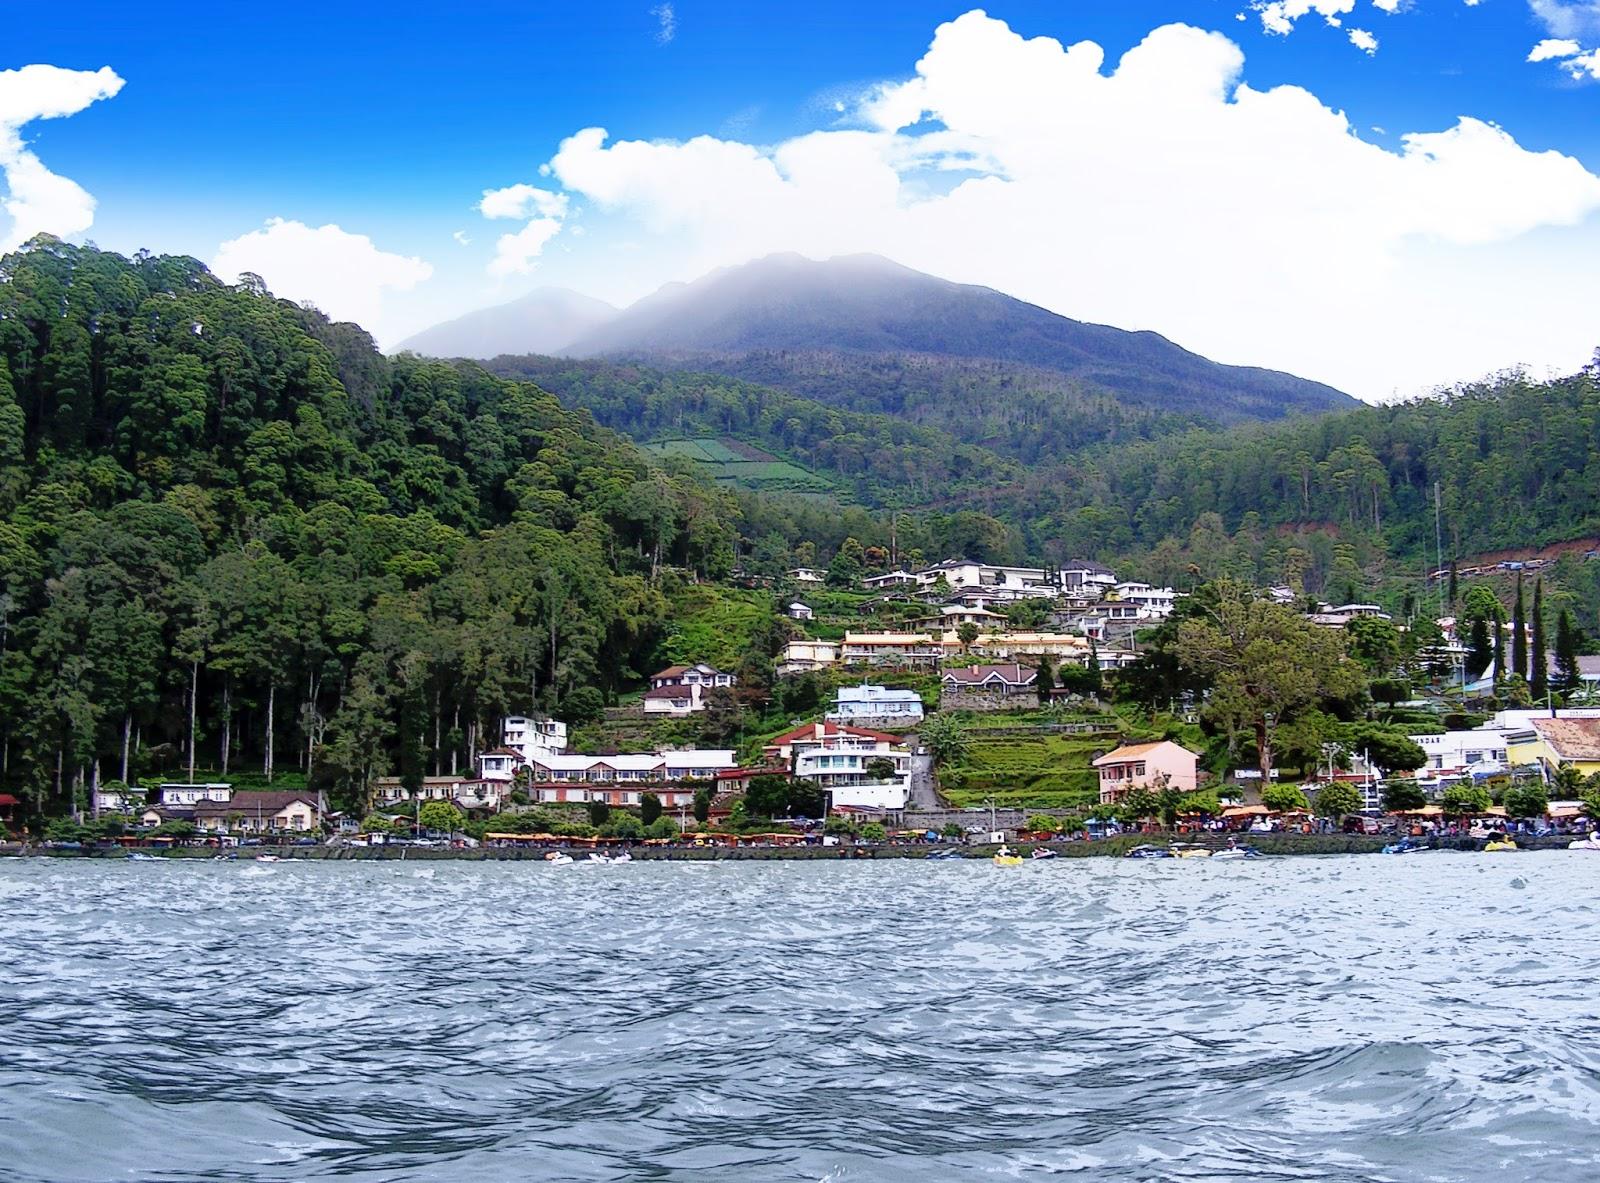 Pariwisata Kabupaten Magetan Nderek Bundaku Taman Ria Maospati Kab